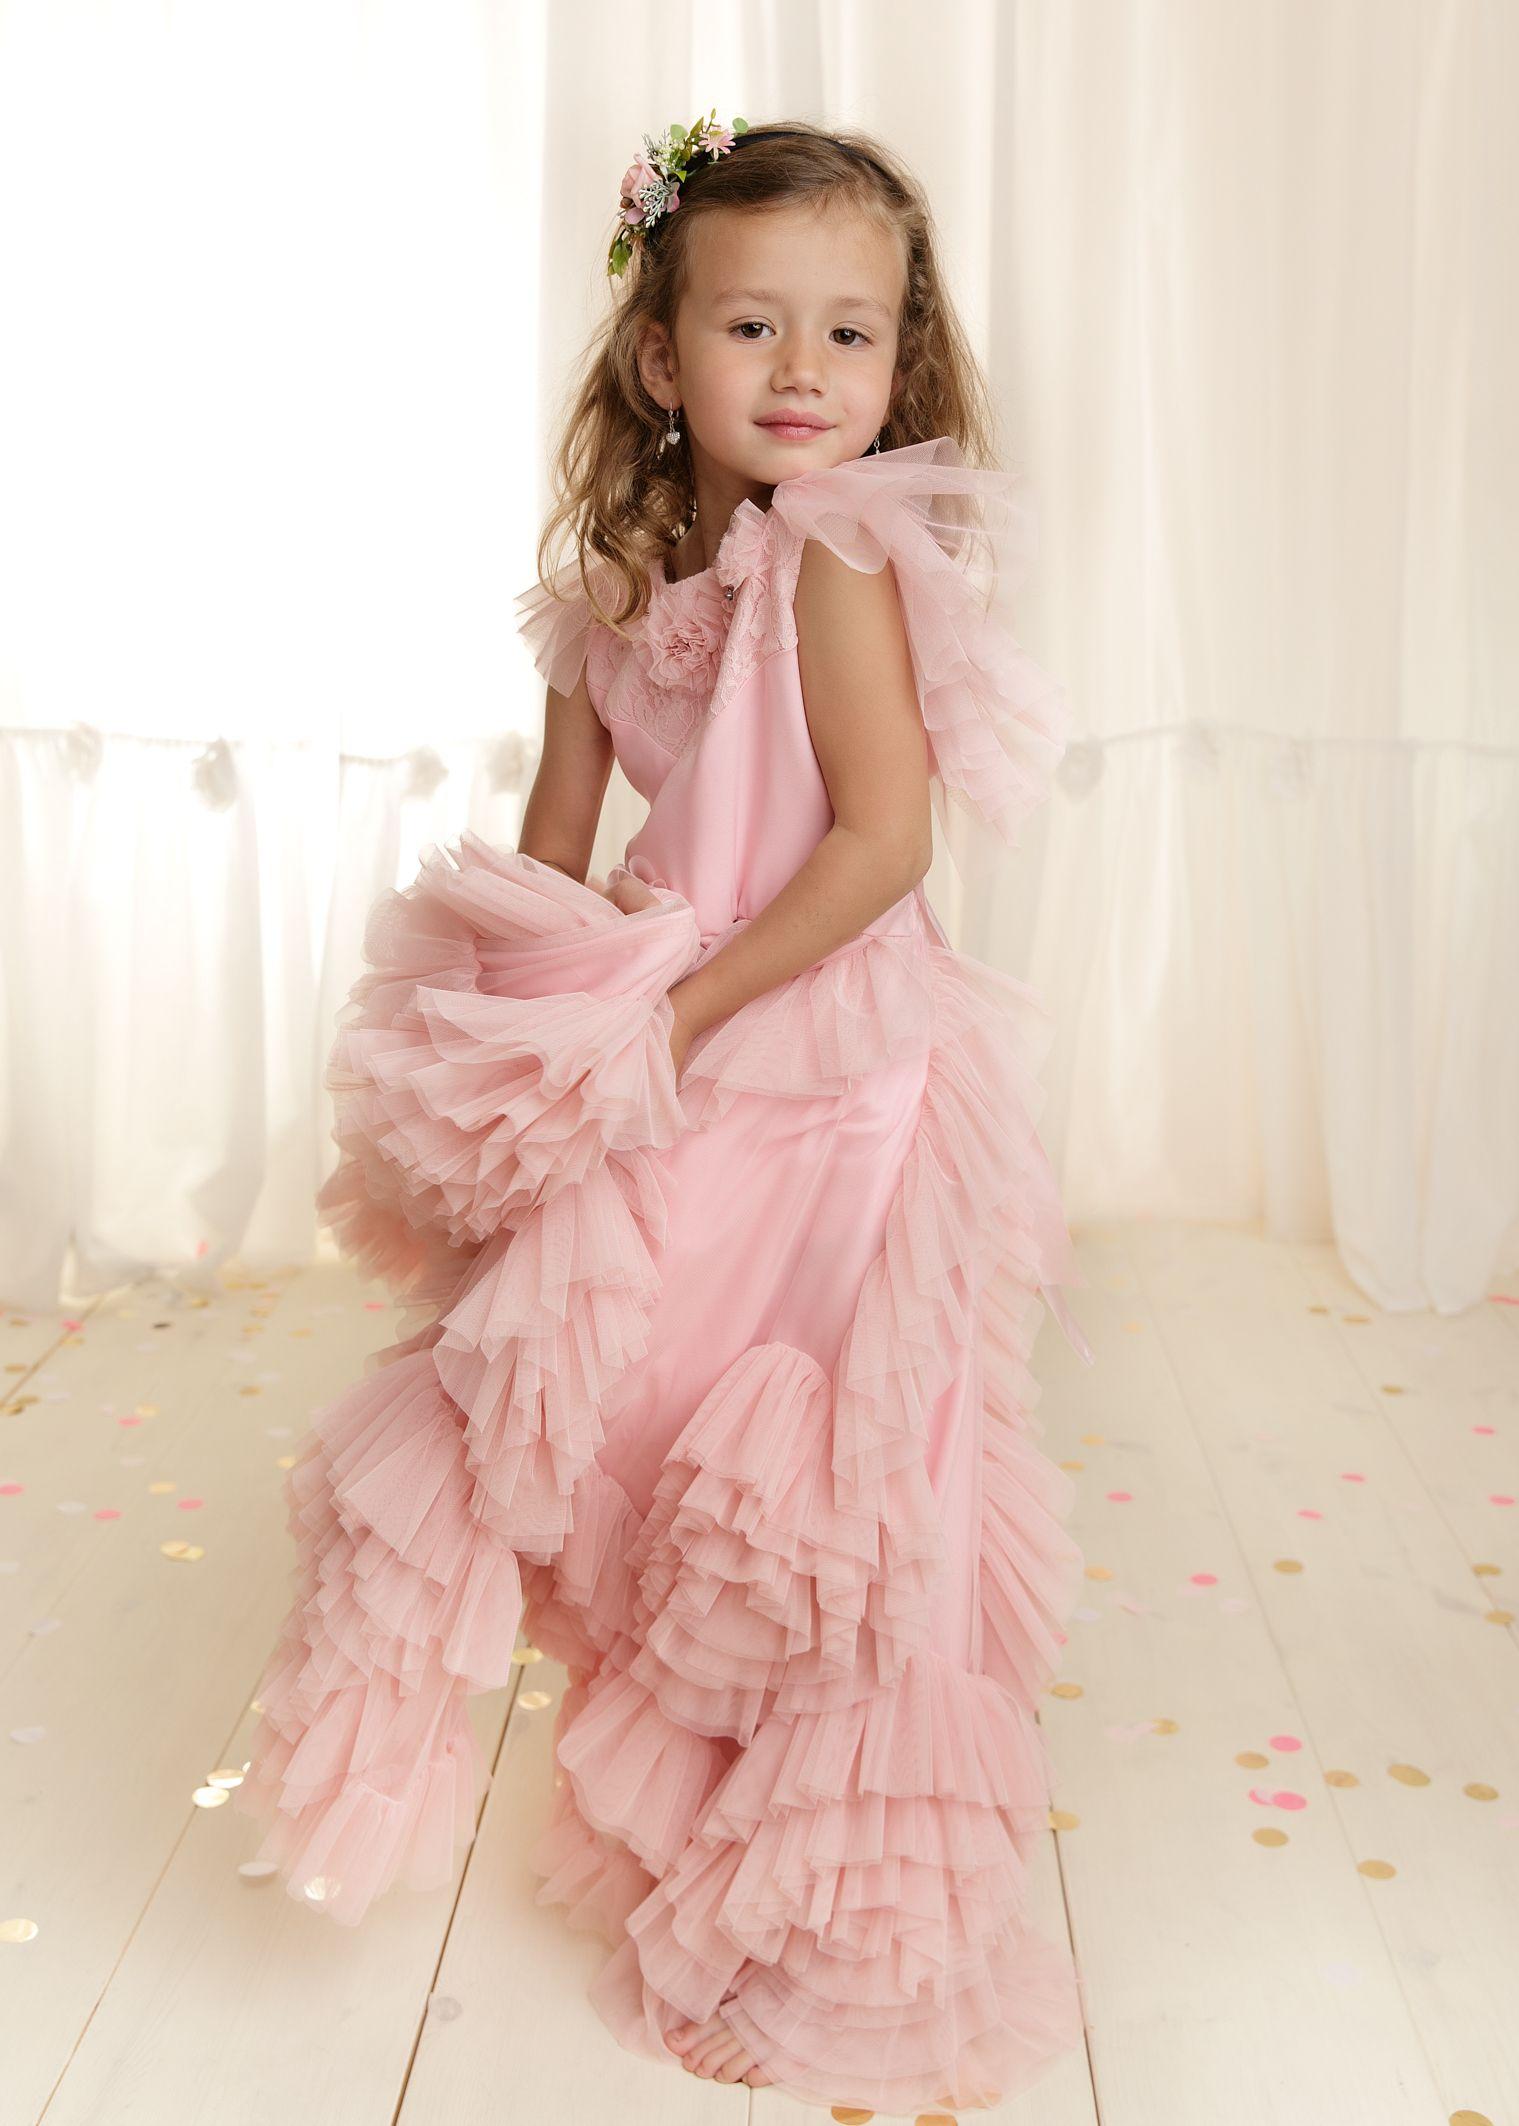 Mädchen im Kleid, Fotoshooting, Fotoshoot zum 6. Geburtstag, Ideen ...